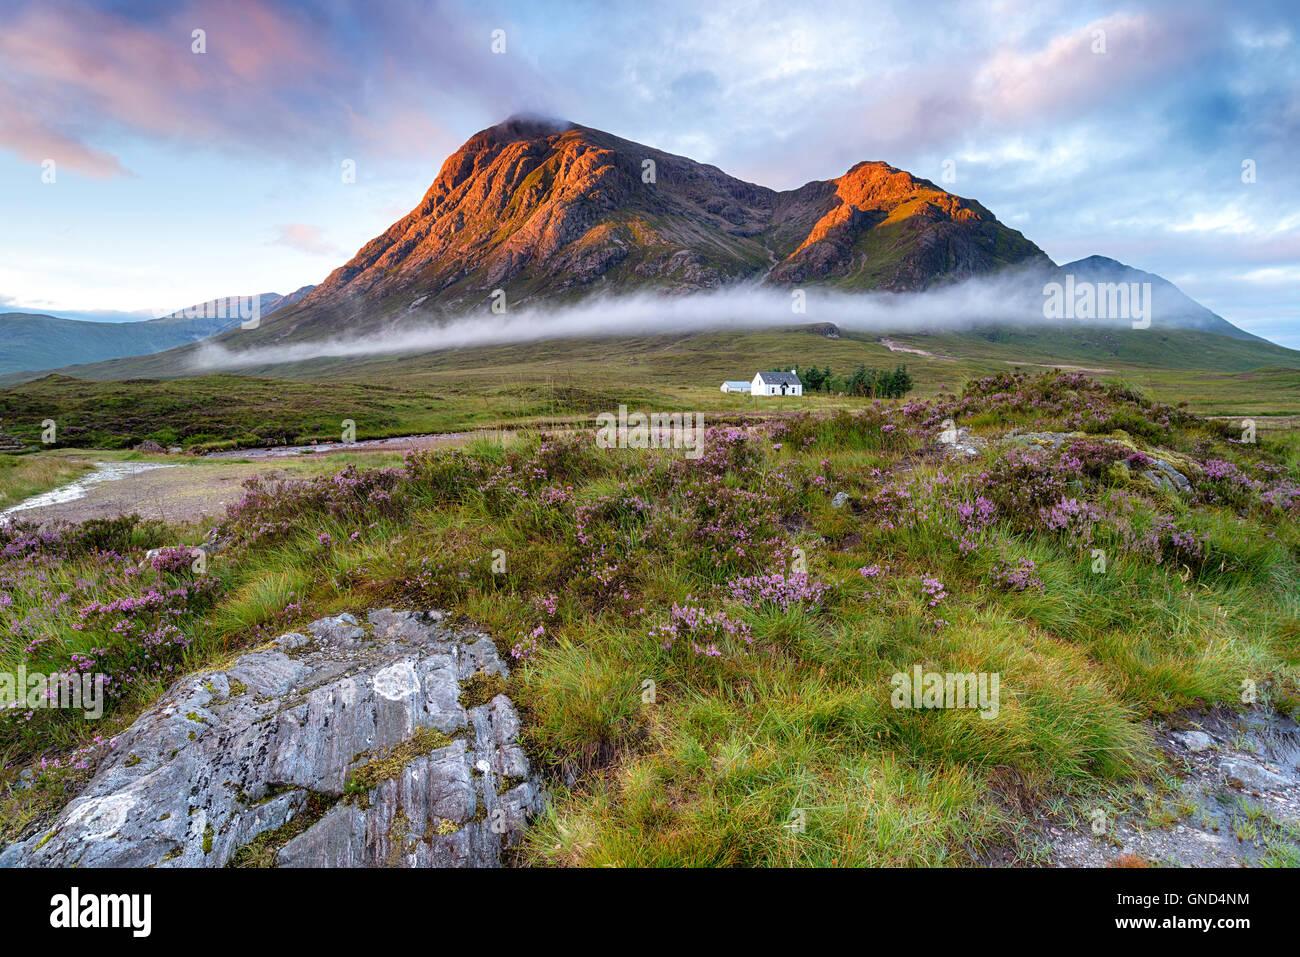 Lever du soleil sur les sommets à Glencoe dans les highlands d'Ecosse Photo Stock